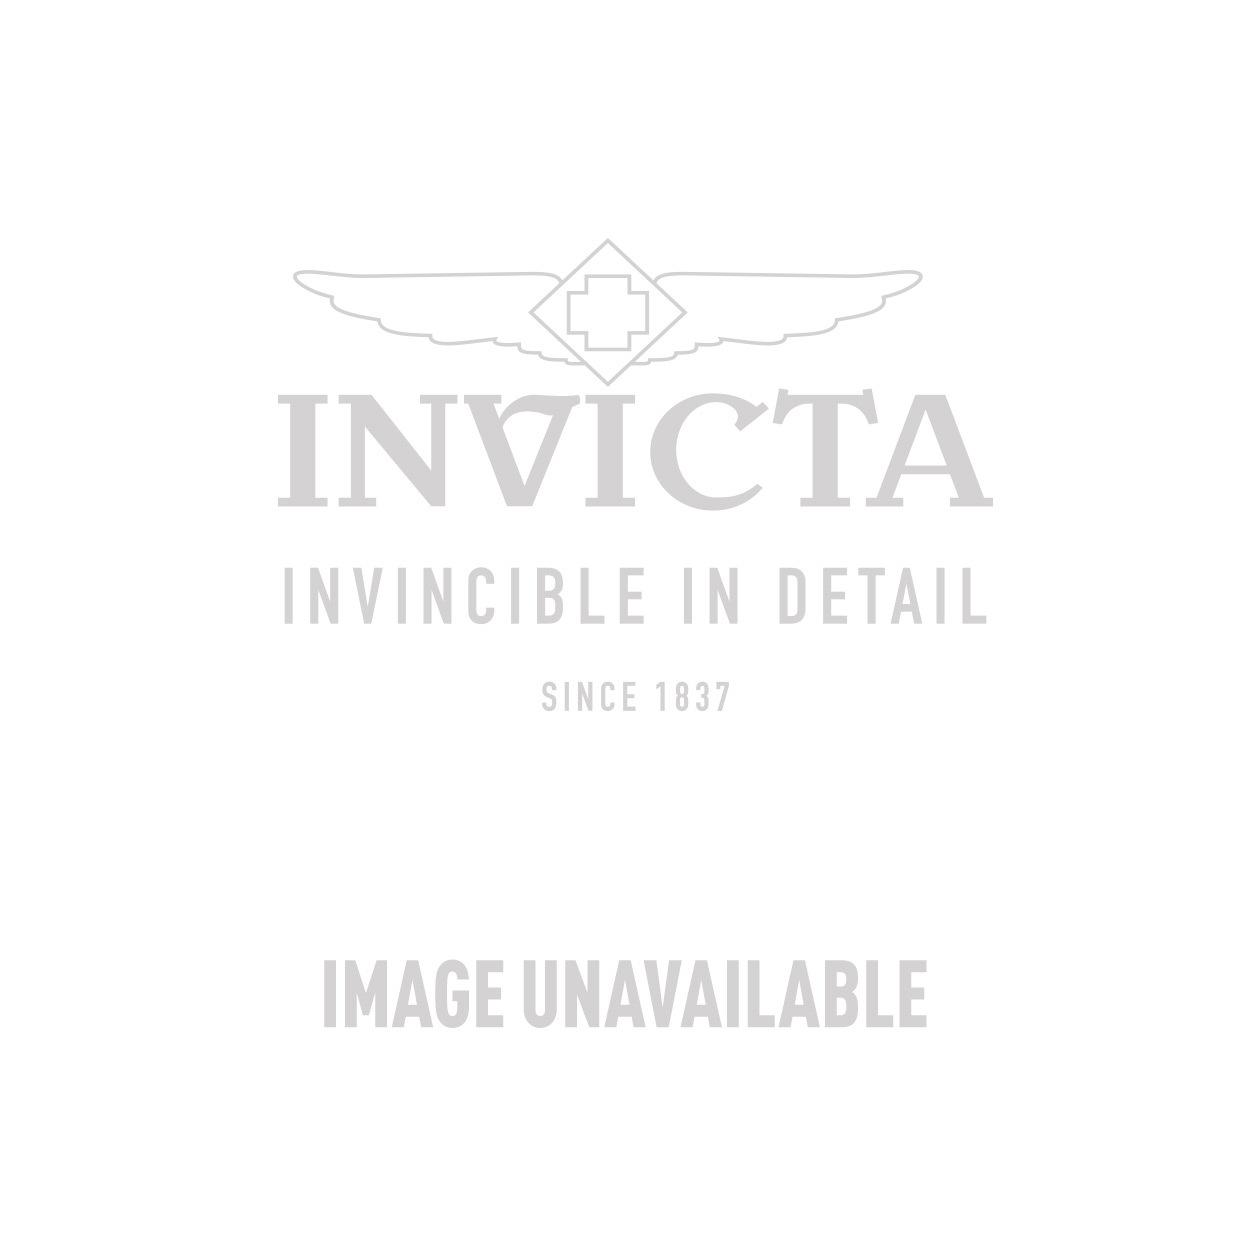 Invicta Model 28654